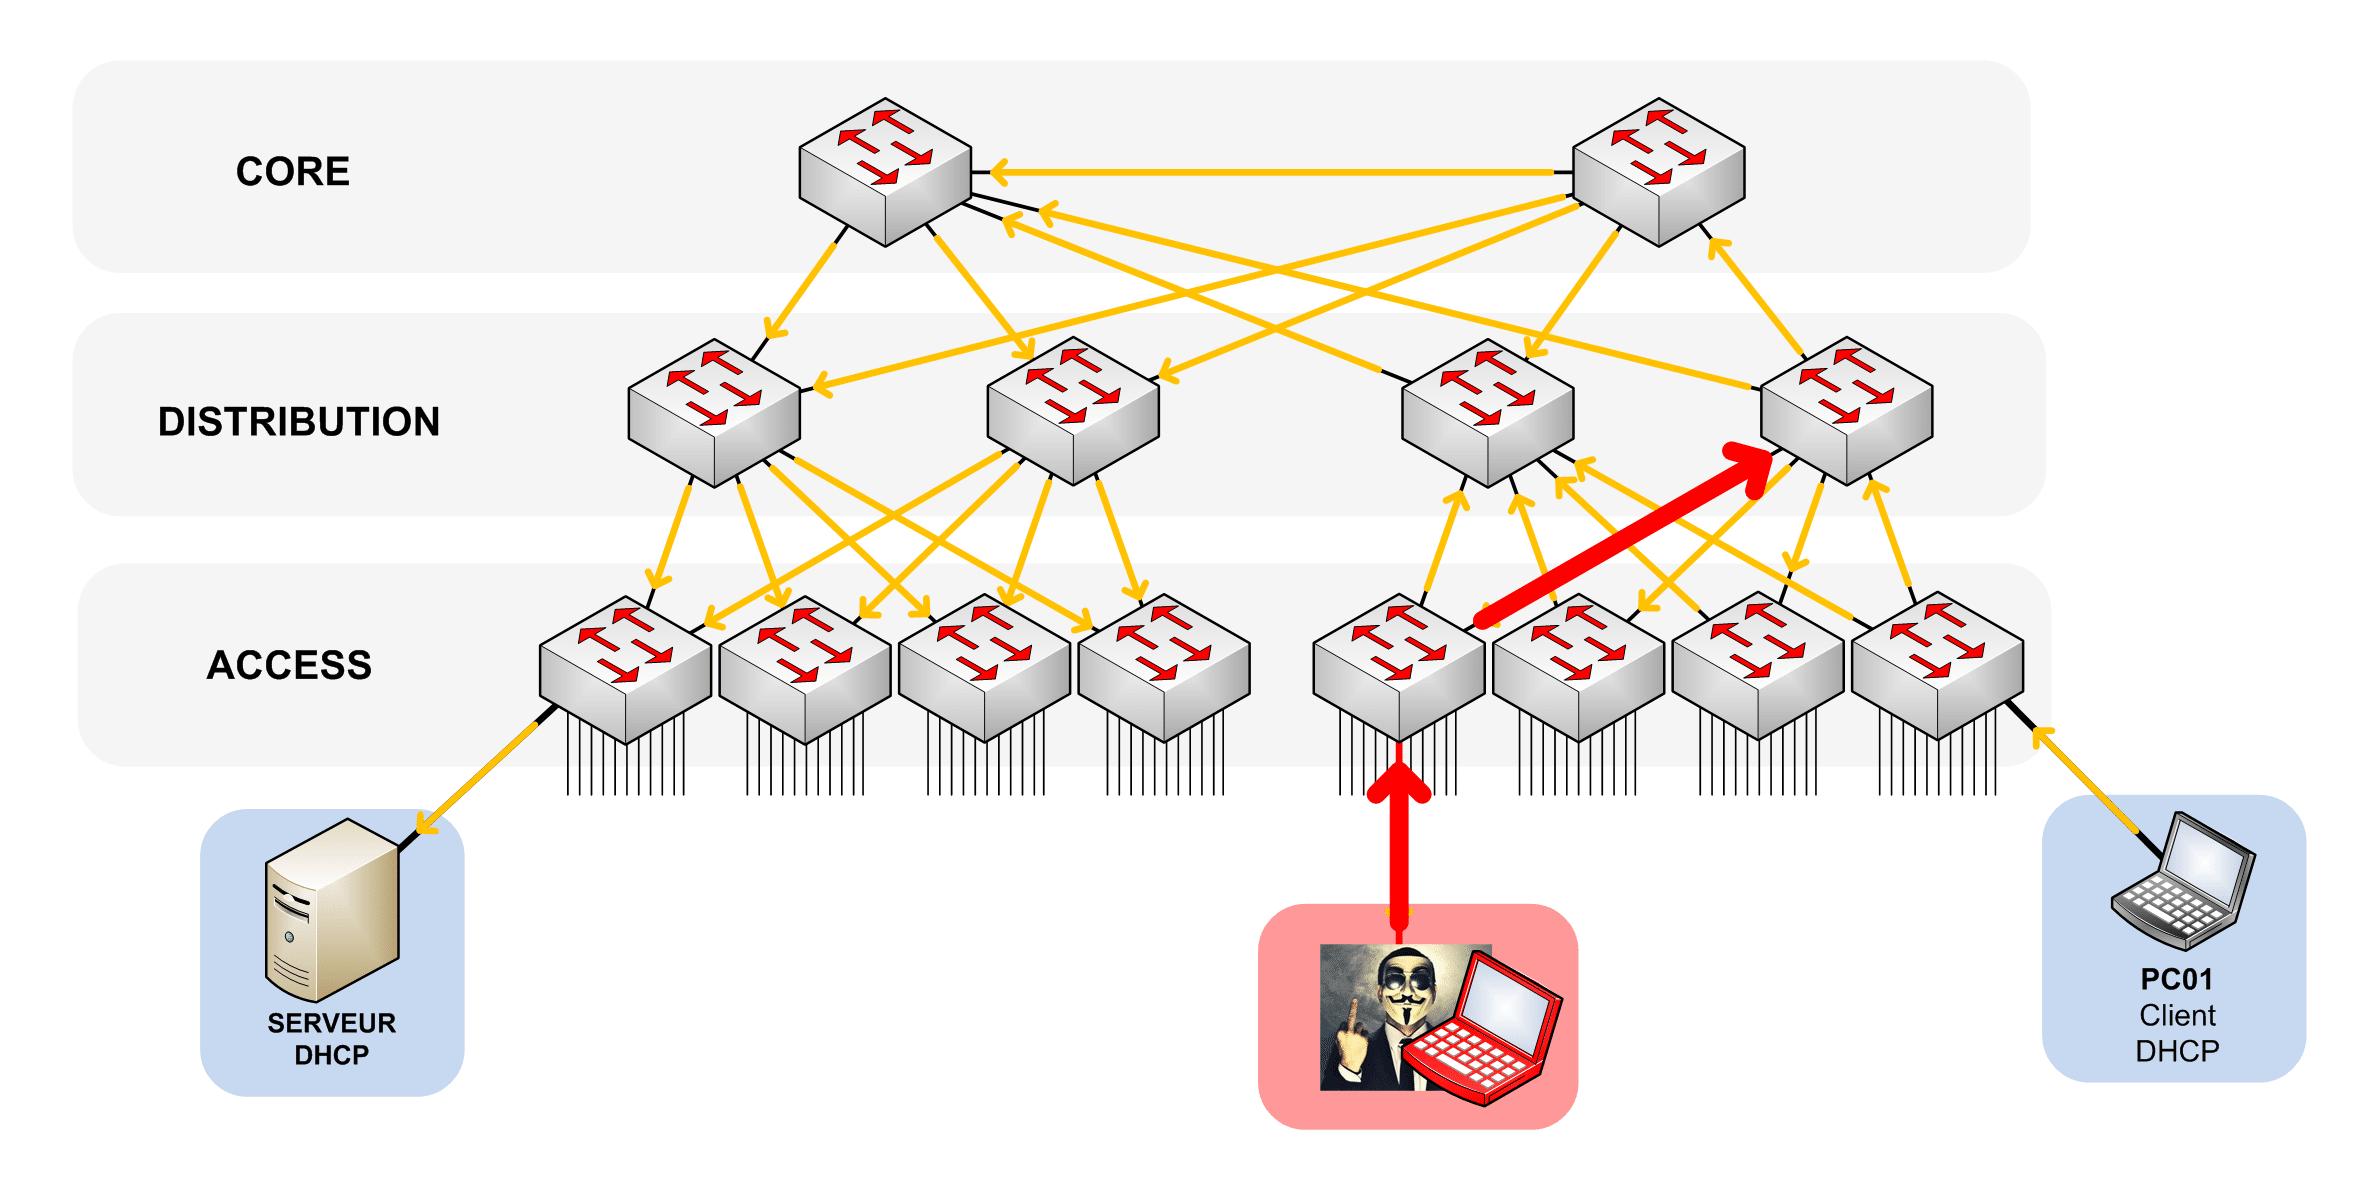 Le Pirate répond au DHCP DISCOVER avec un DHCP OFFER. Le serveur DHCP Officiel viens tout juste de recevoir le broadcast émis par le client.